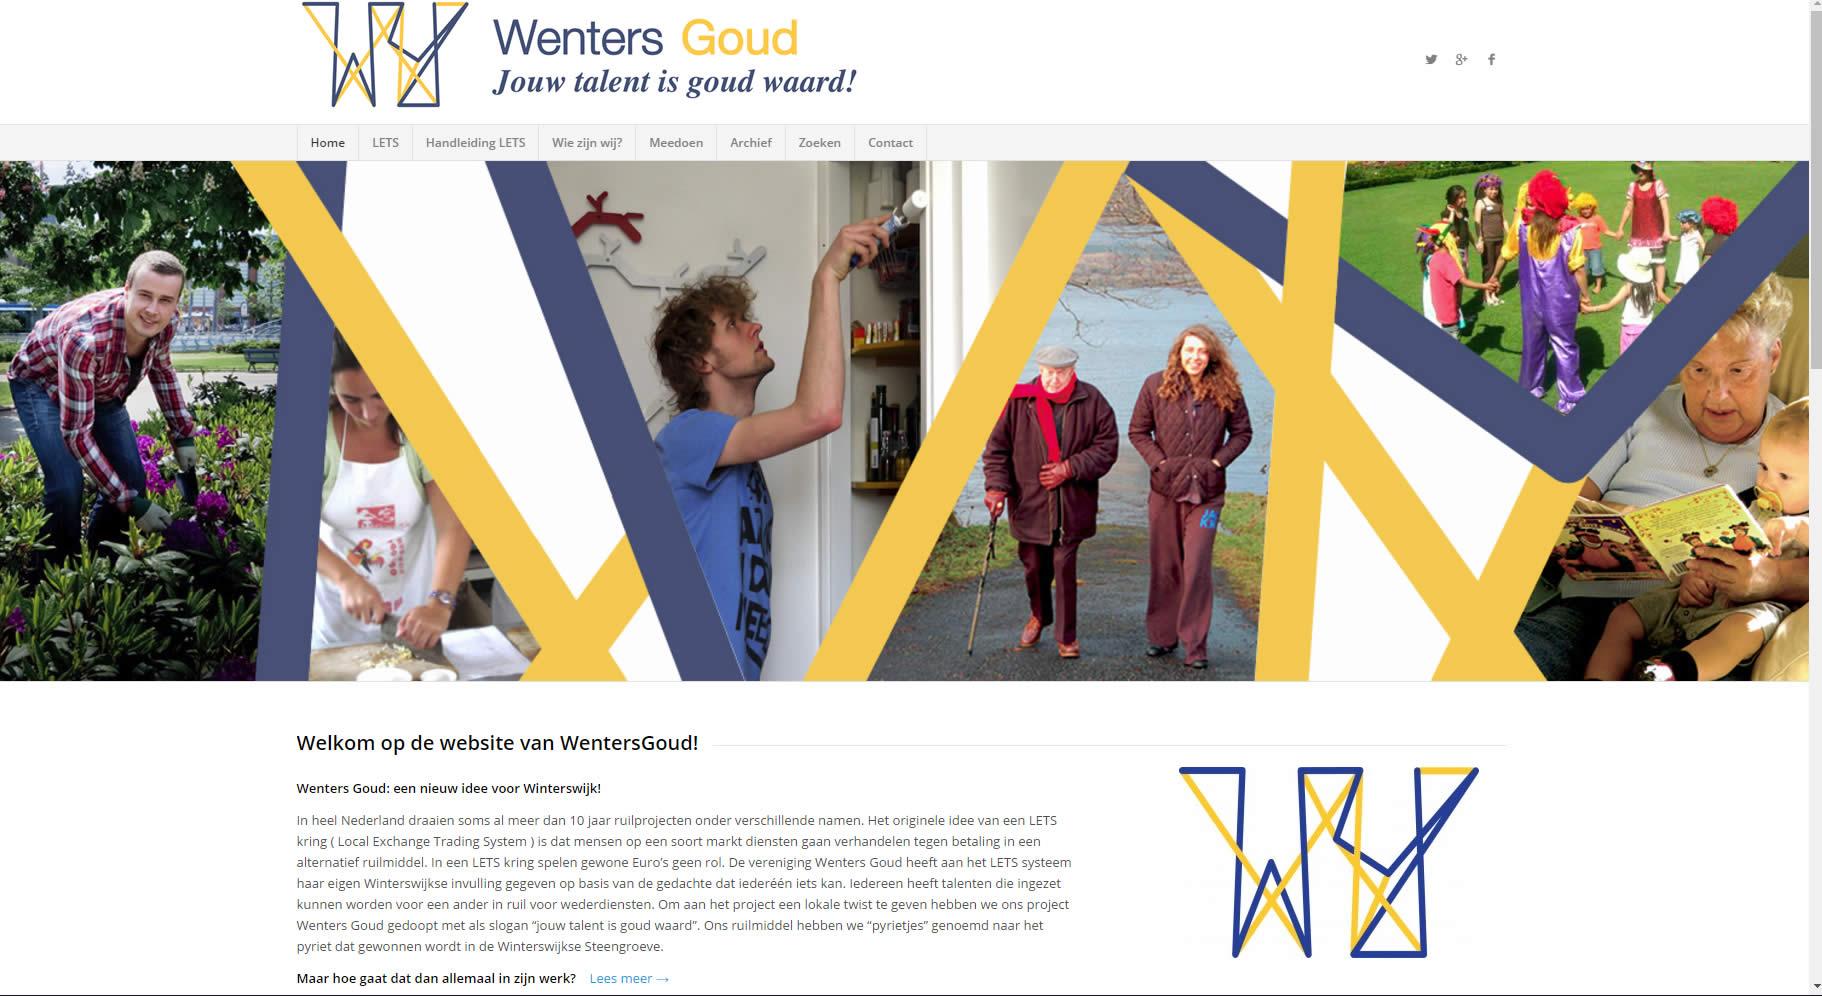 wentersgoud.nl